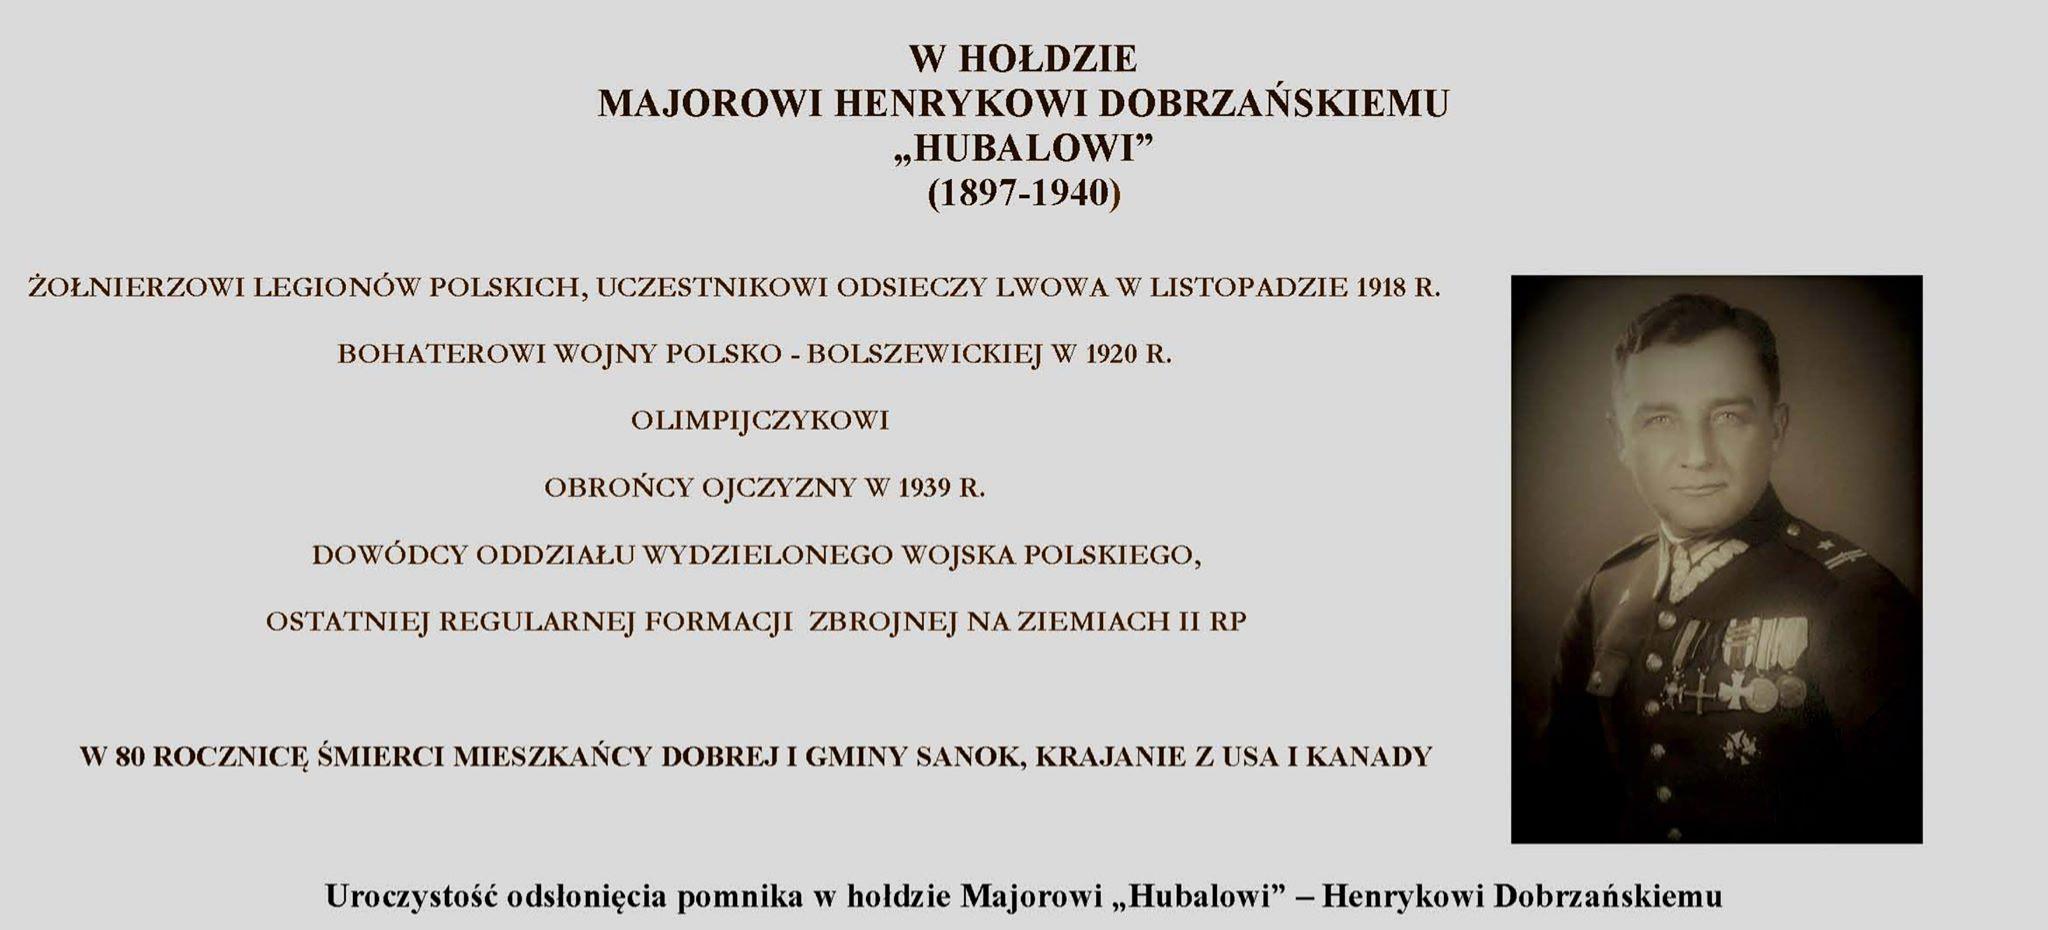 Odsłonięcie pomnika w hołdzie Majorowi Hubalowi - Henrykowi Dobrzańskiemu